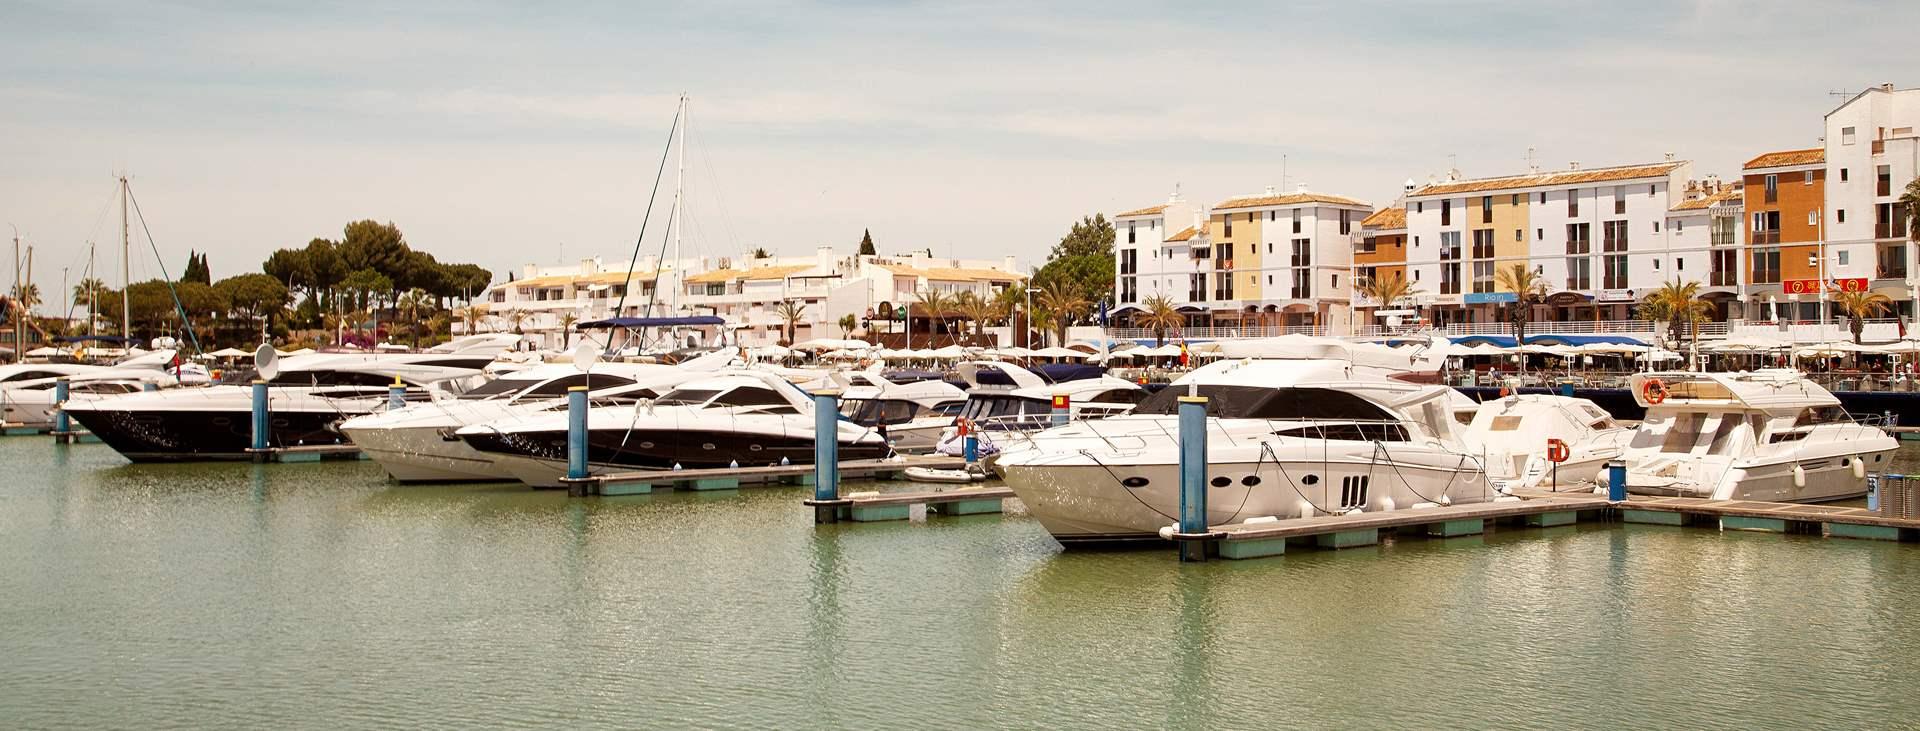 Bestill en reise med Ving til Vilamoura på Algarvekysten